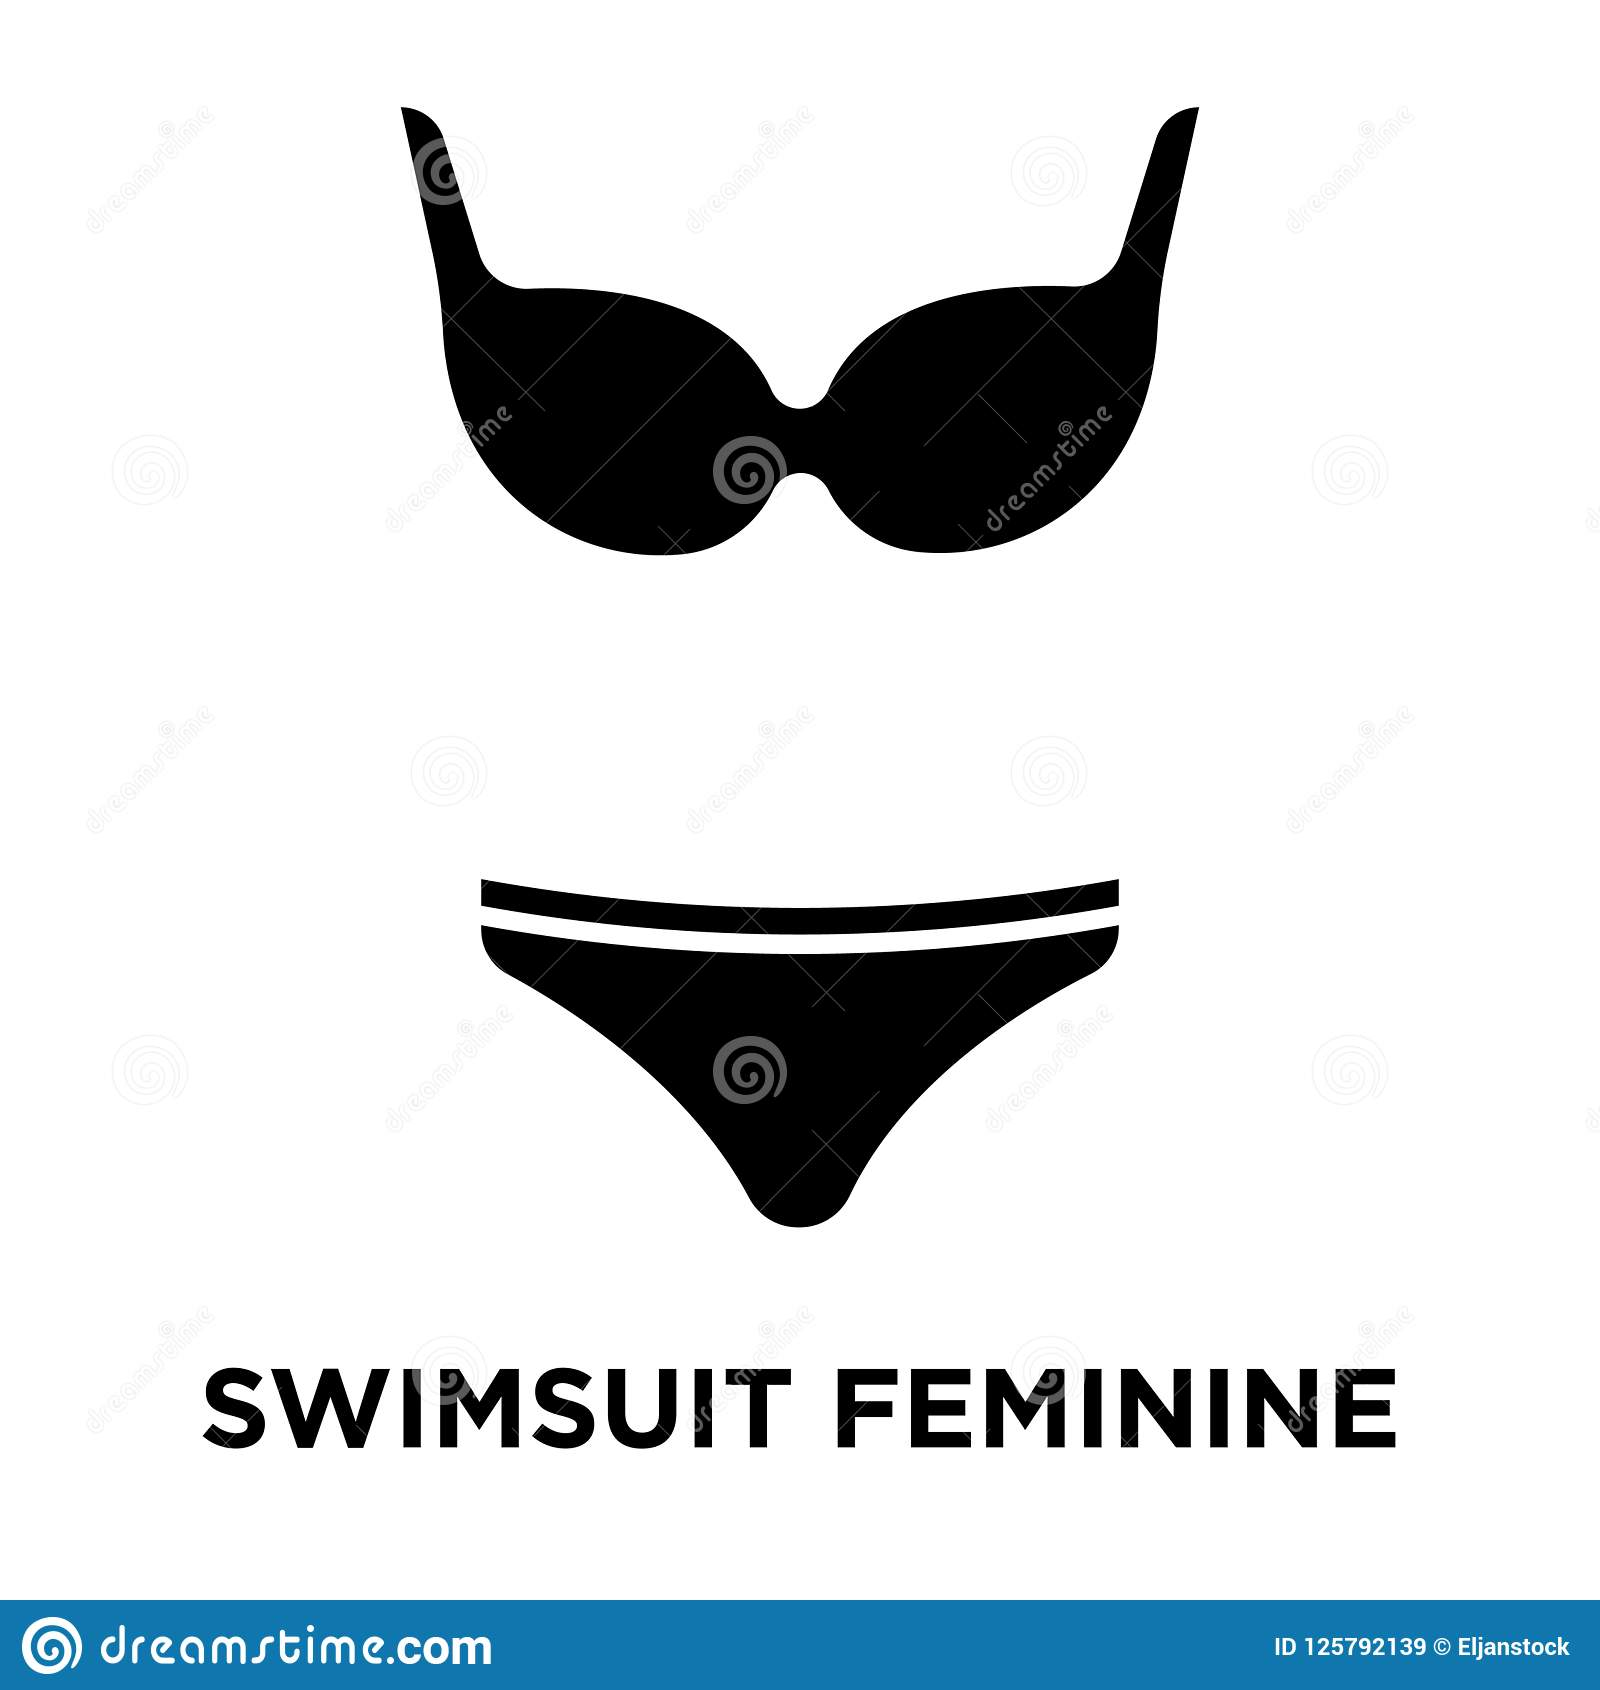 dc2ca2399 Vetor Feminino Do ícone Do Roupa De Banho Isolado No Fundo Branco ...